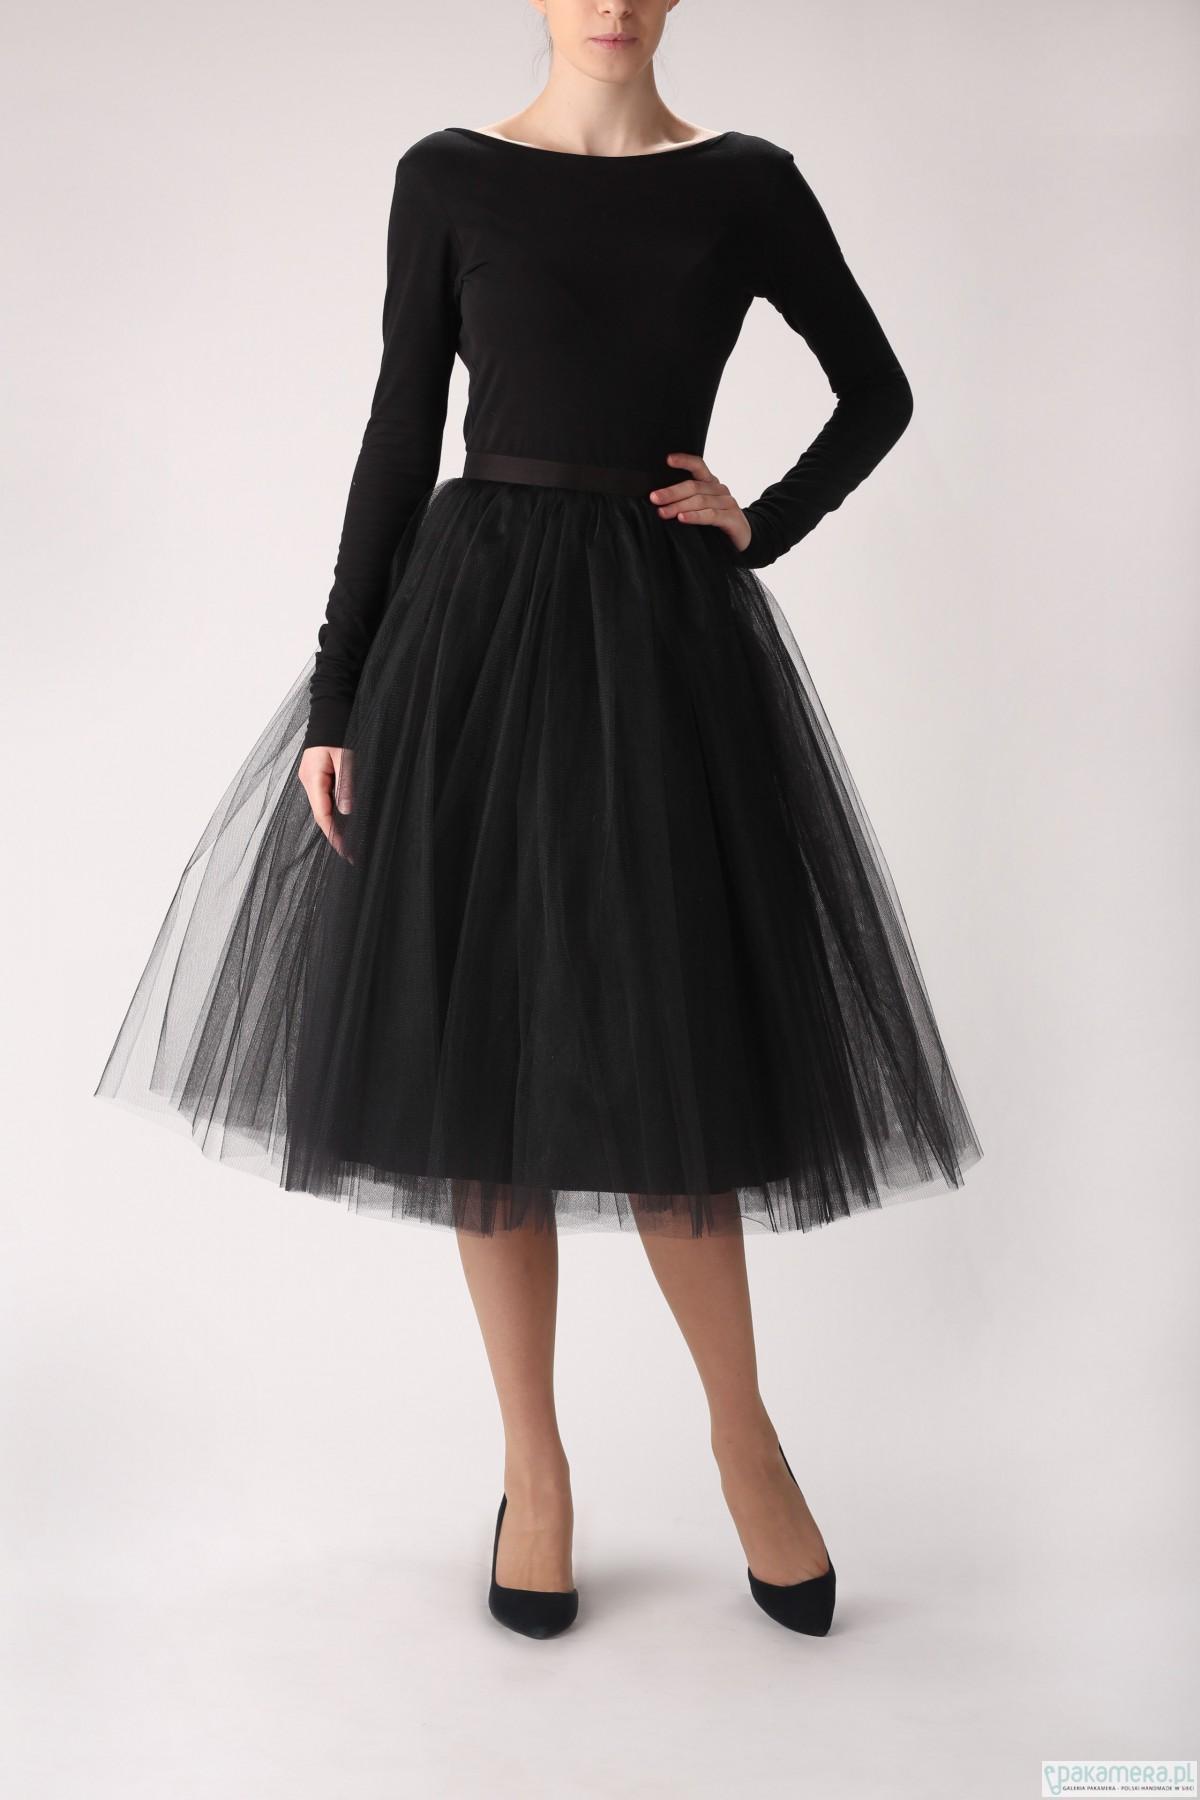 Spódnica tiulowa S031 long czarna na zamówienie